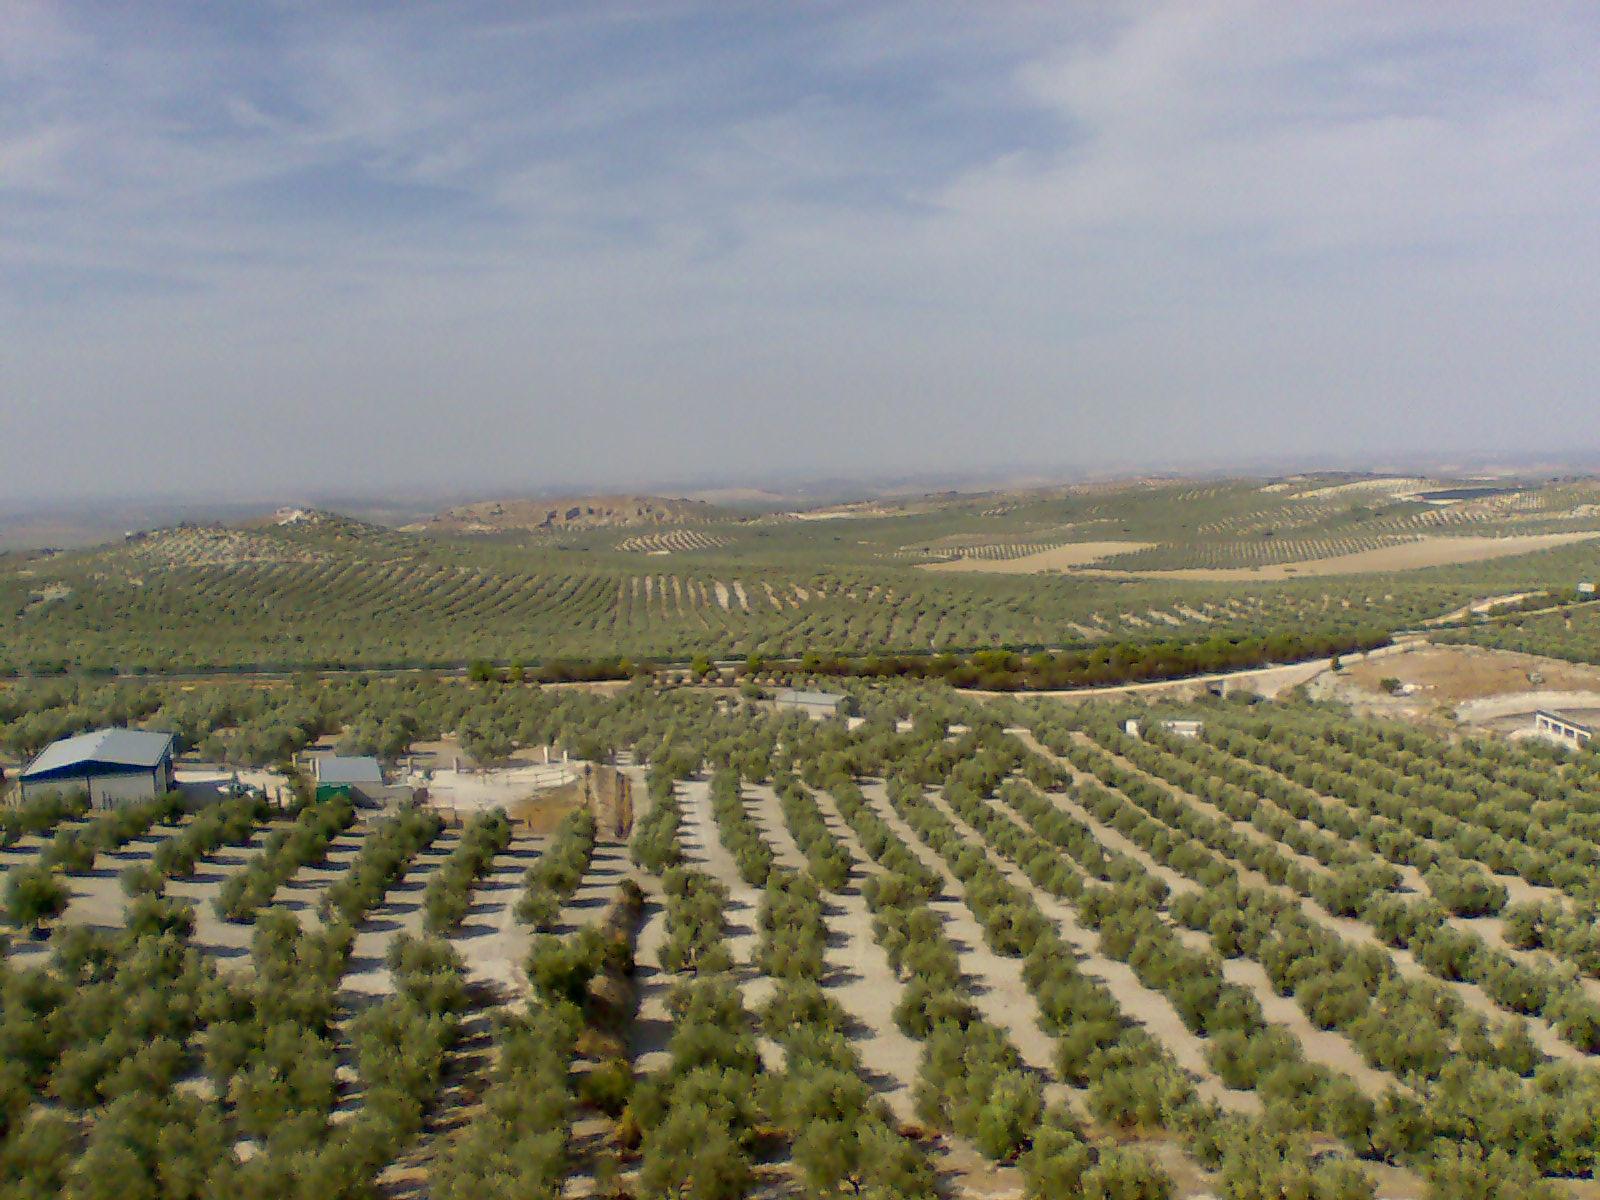 Olivos de variedad Picual